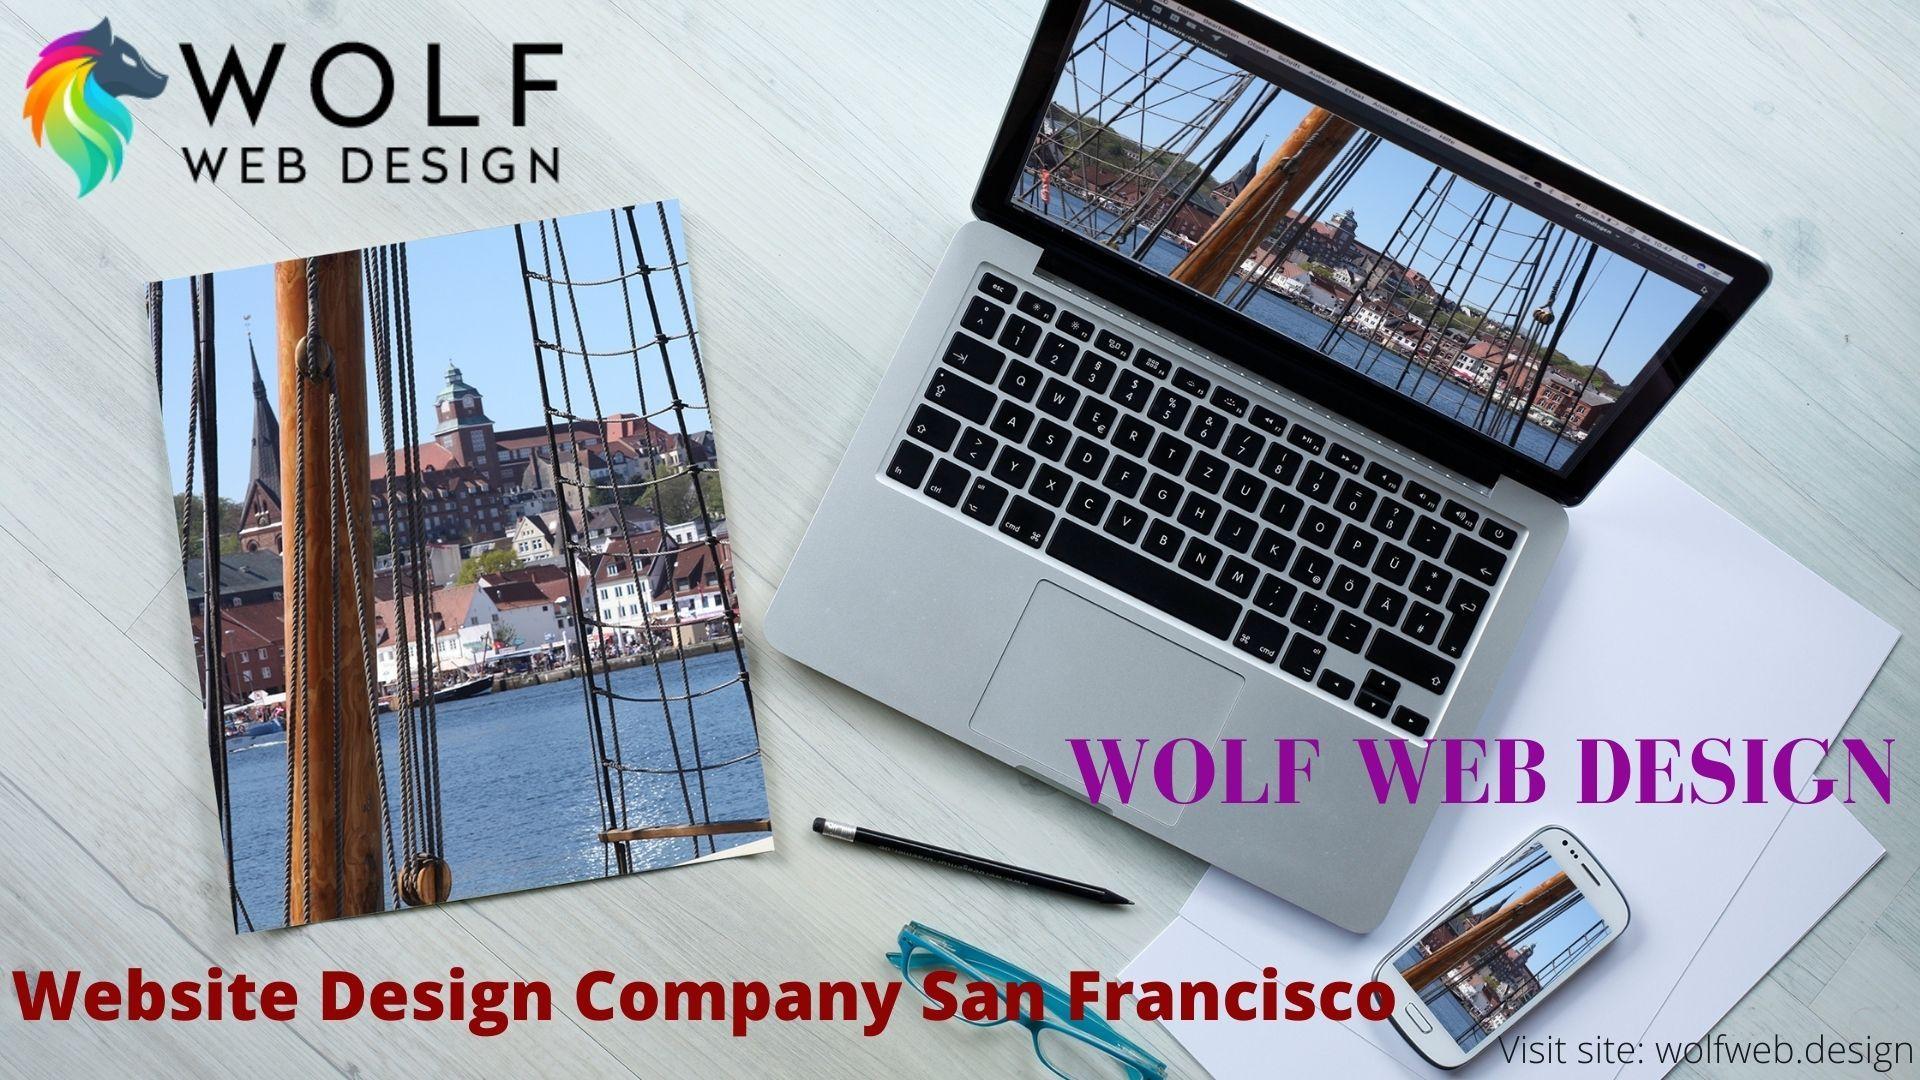 Website Designer San Francisco Orange County Los Angeles In 2020 Fun Website Design Website Design Company Website Design